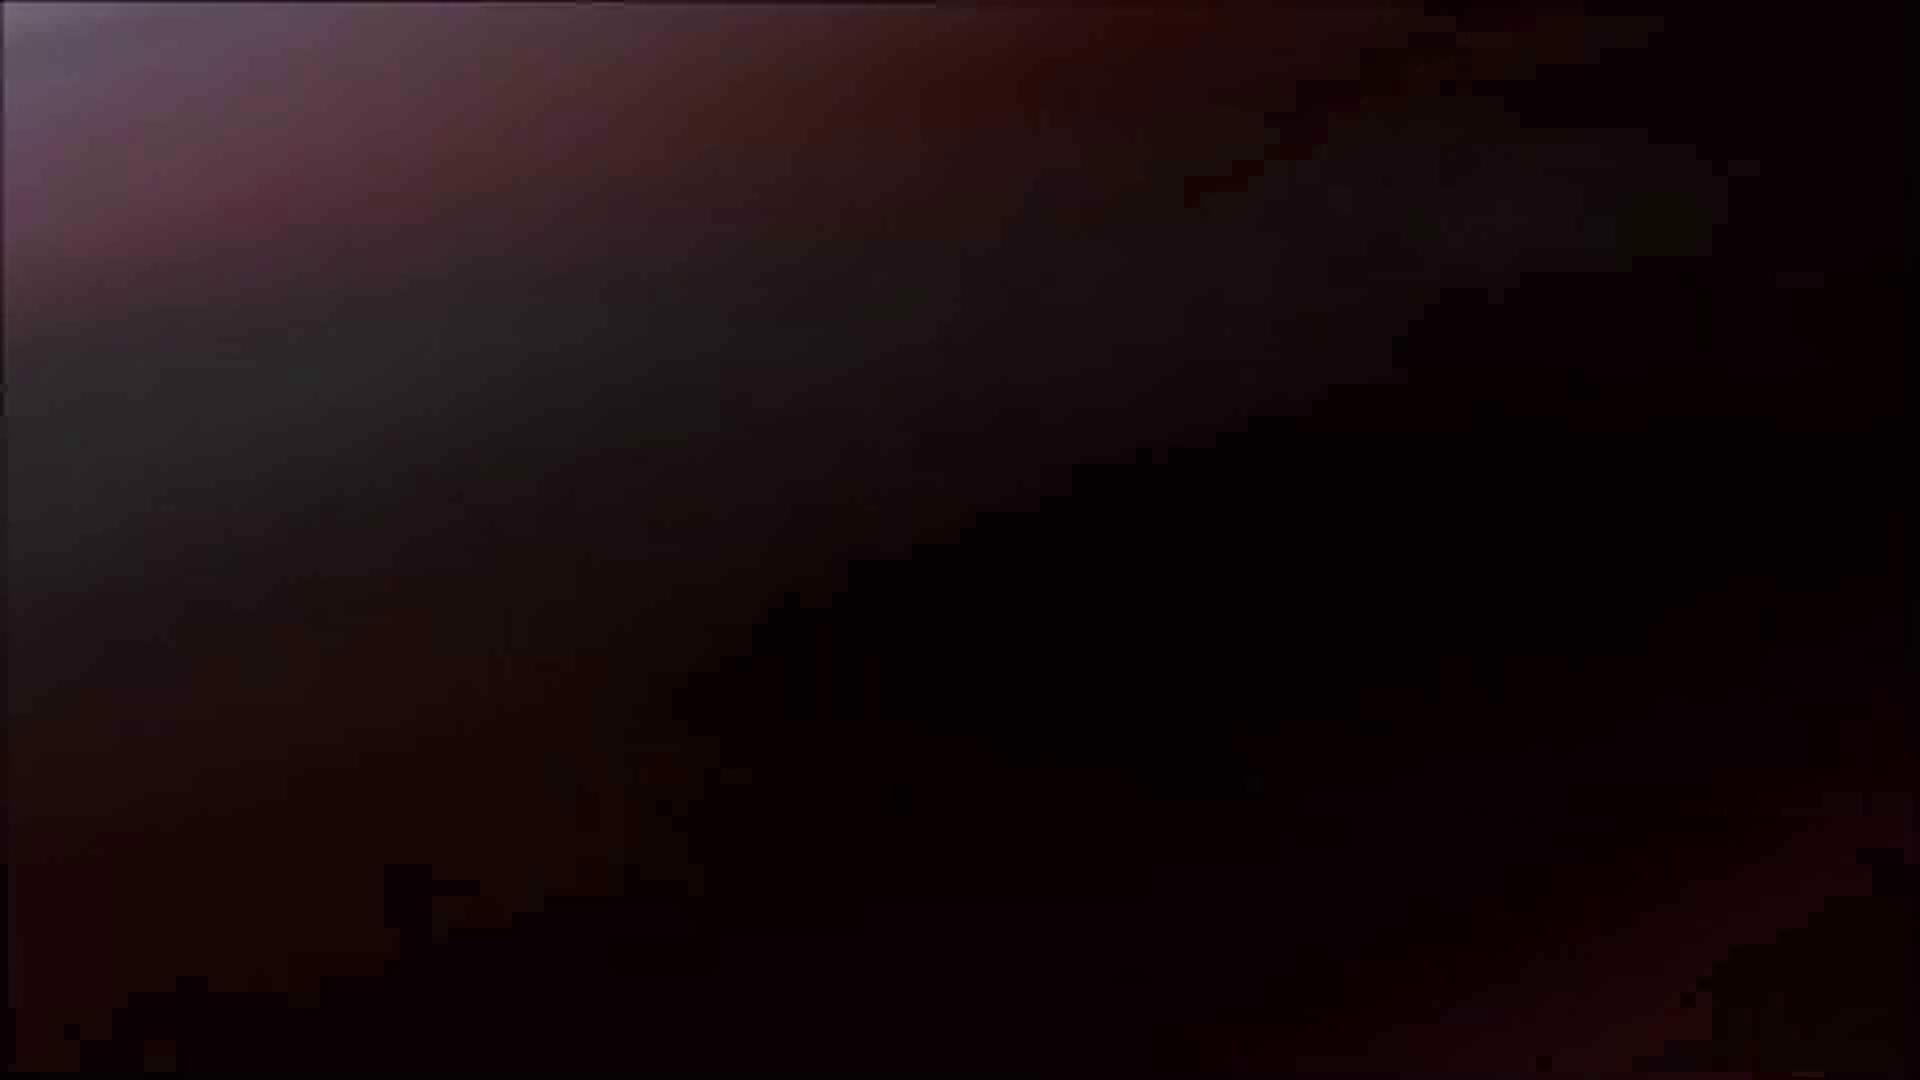 普段の貴方を隠し撮り Vol.04 モ無し | 隠し撮りシーン エロビデオ紹介 7連発 4